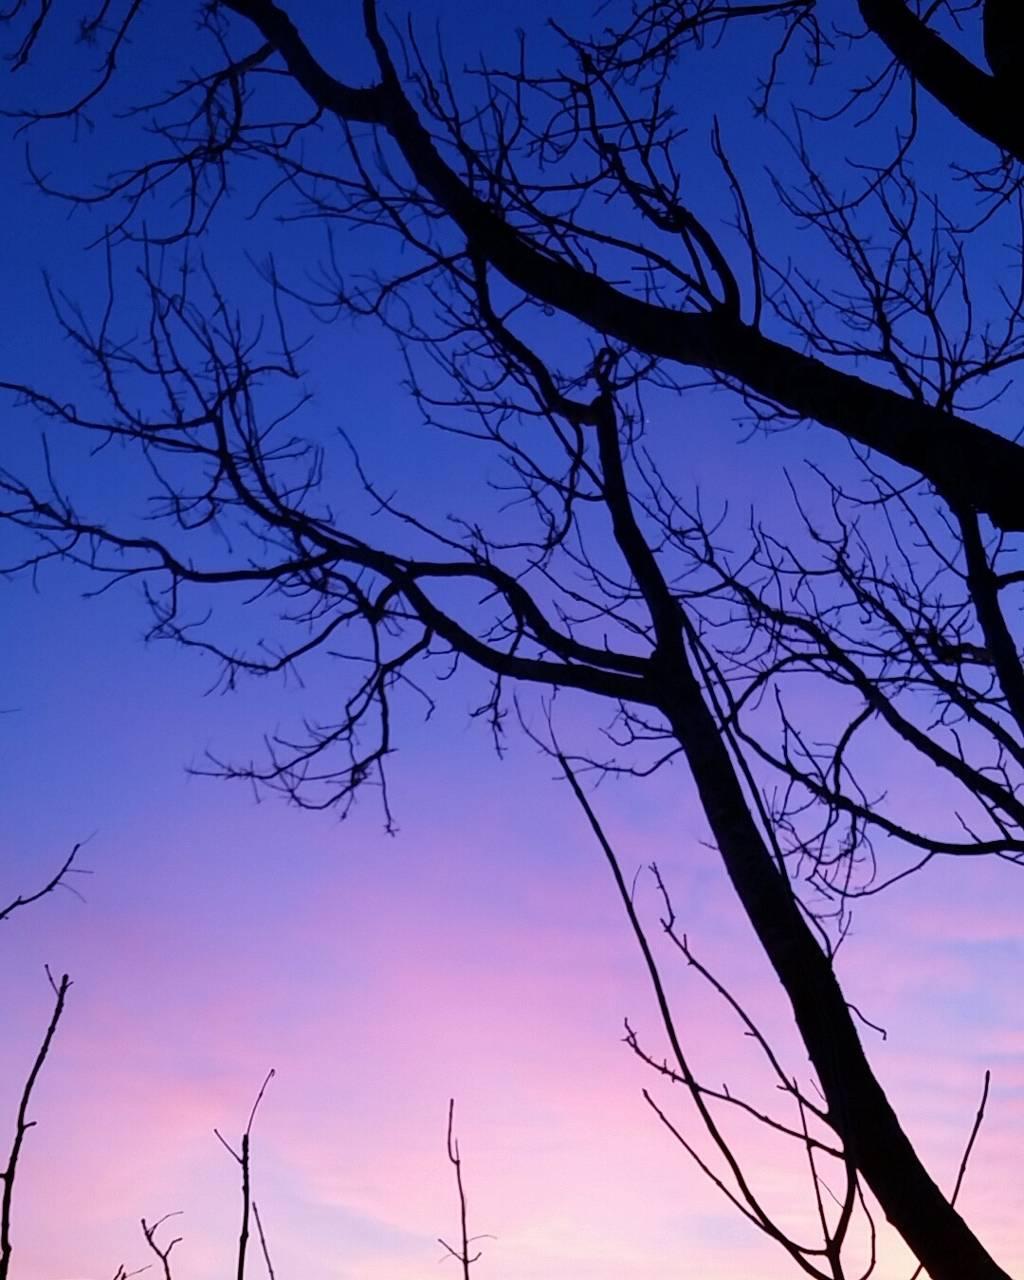 Purple feeling